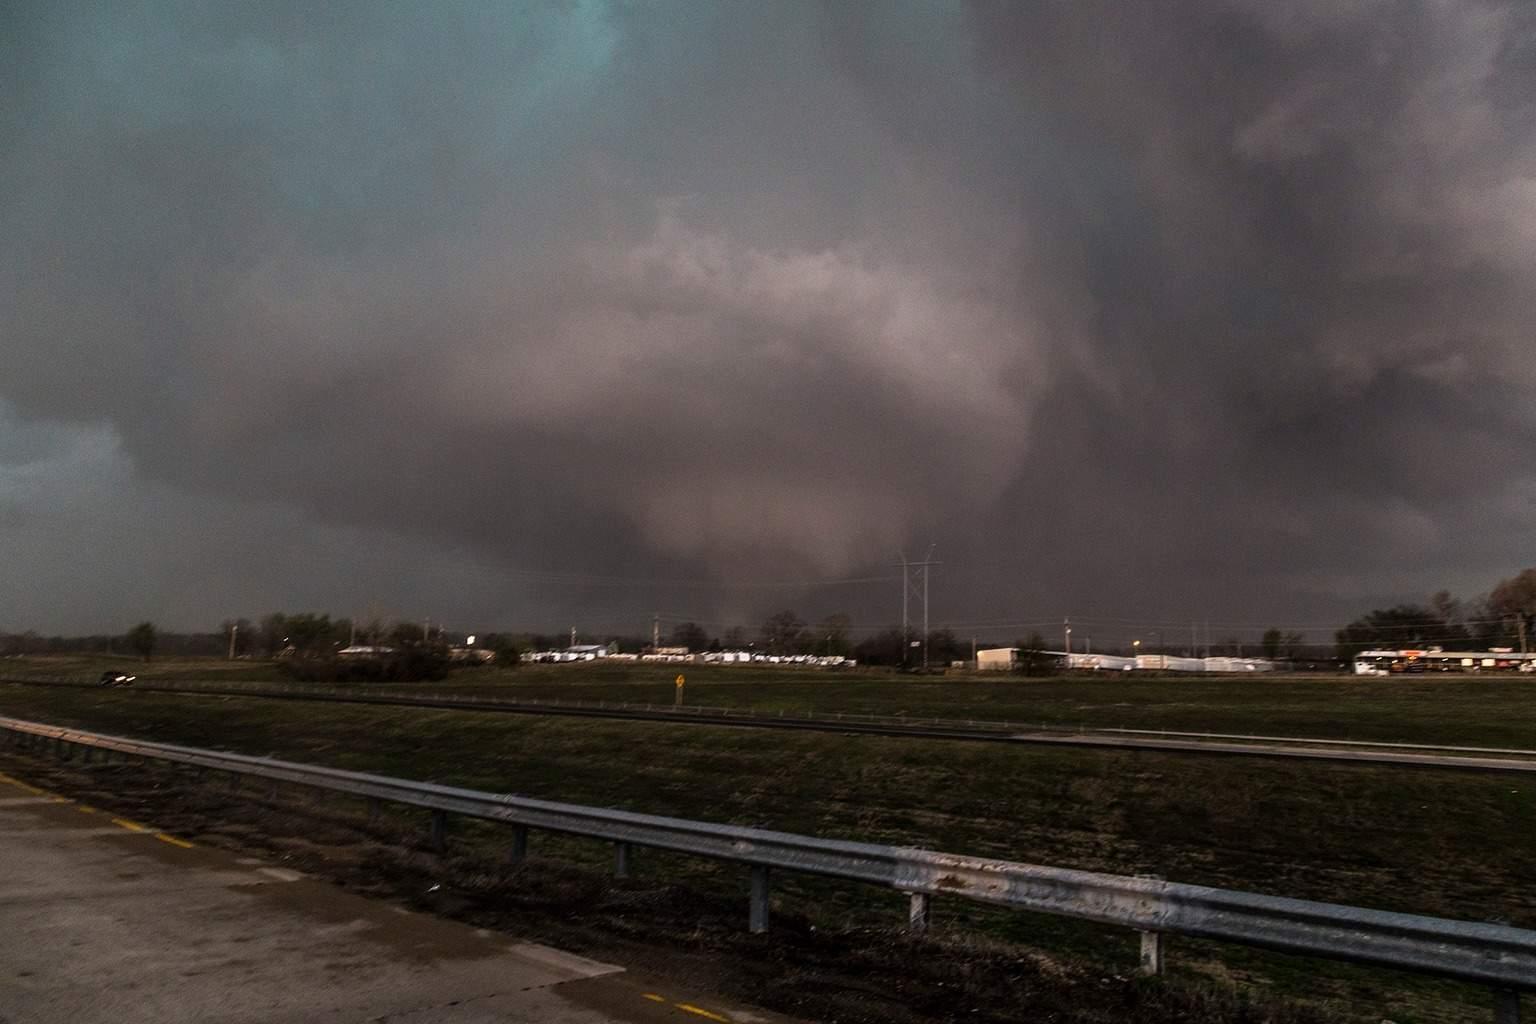 Sand Springs, OK tornado on 3/25/15.